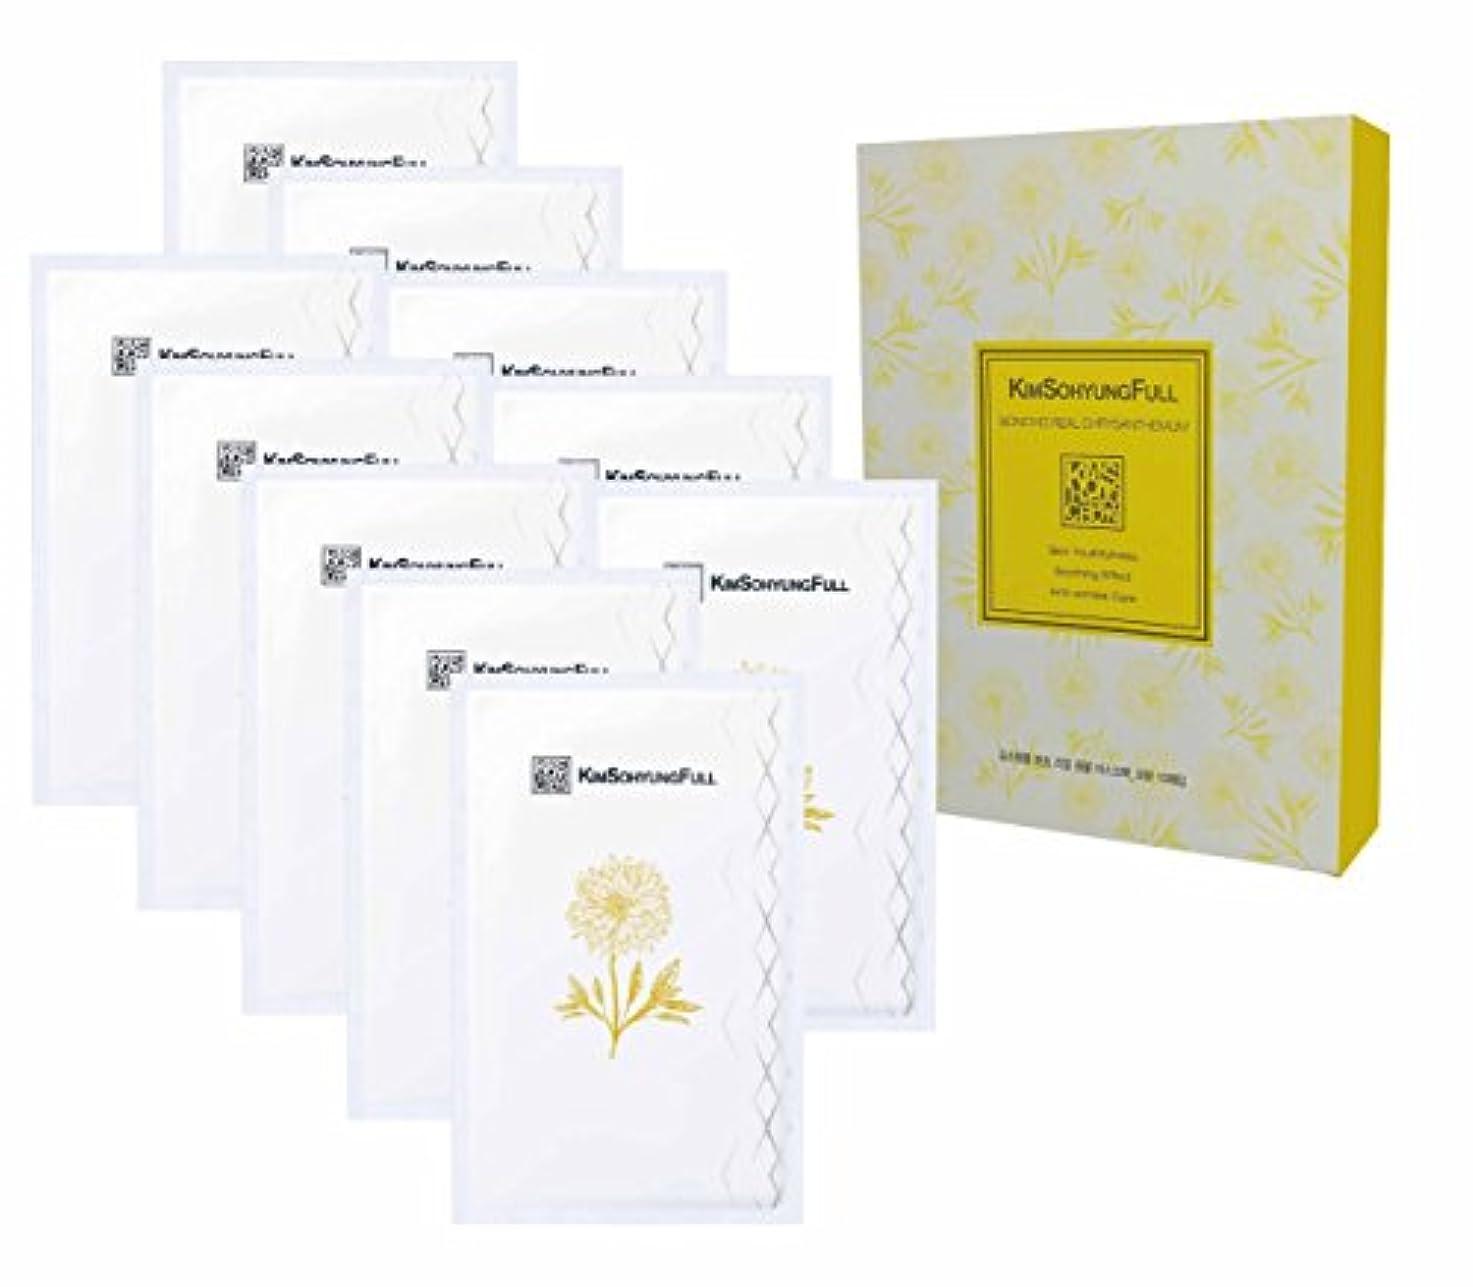 免除する昼食検出可能[ギムソヒョンフル] 本草 本物の菊使ったシートマスク10枚パック -本物の菊の花びらを 6%配合、革新的な3層式の100%天然植物由来シート、23ml / 0.77液体オンス